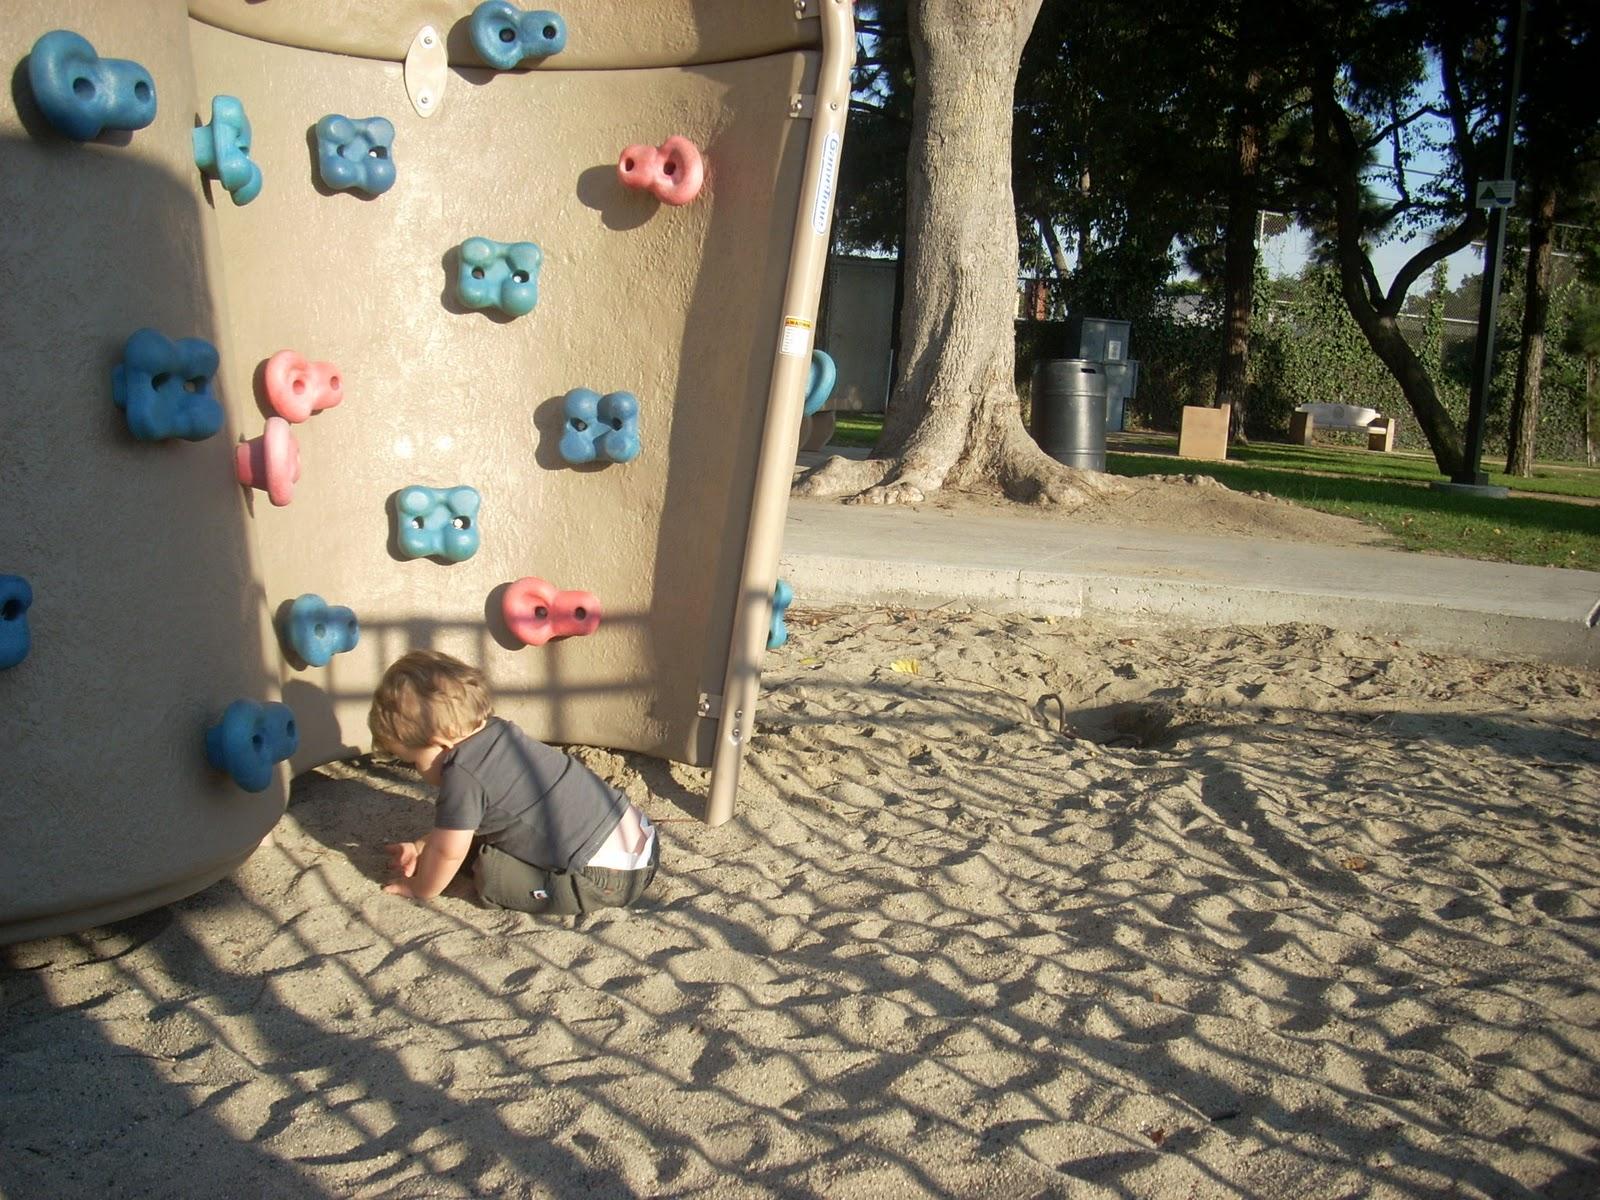 http://2.bp.blogspot.com/-MH6rxNRMySk/TroHvLWBJ8I/AAAAAAAAAcQ/roywJoK0sFc/s1600/culverpark-climbingclimbing.JPG